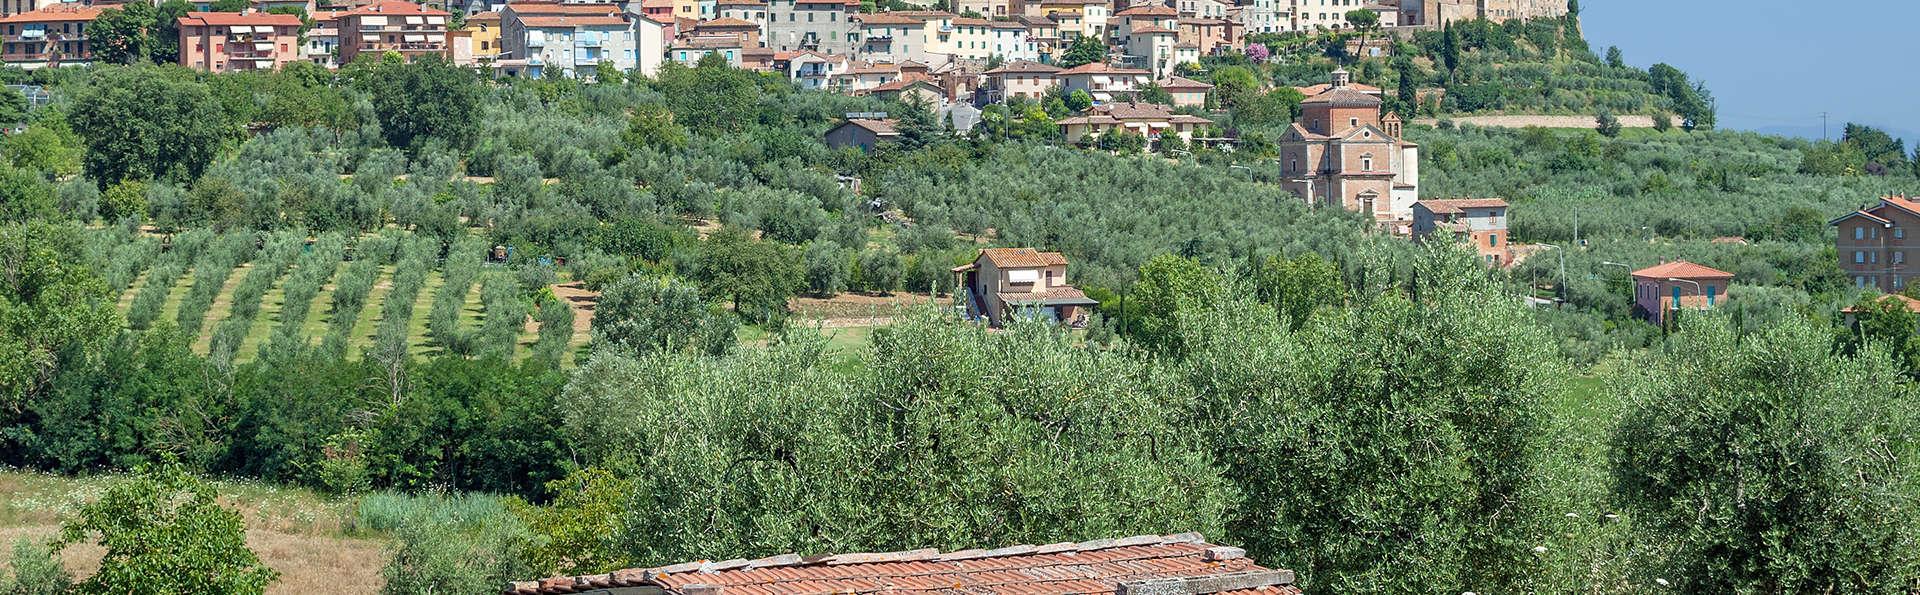 Mise au vert à Chianciano Terme